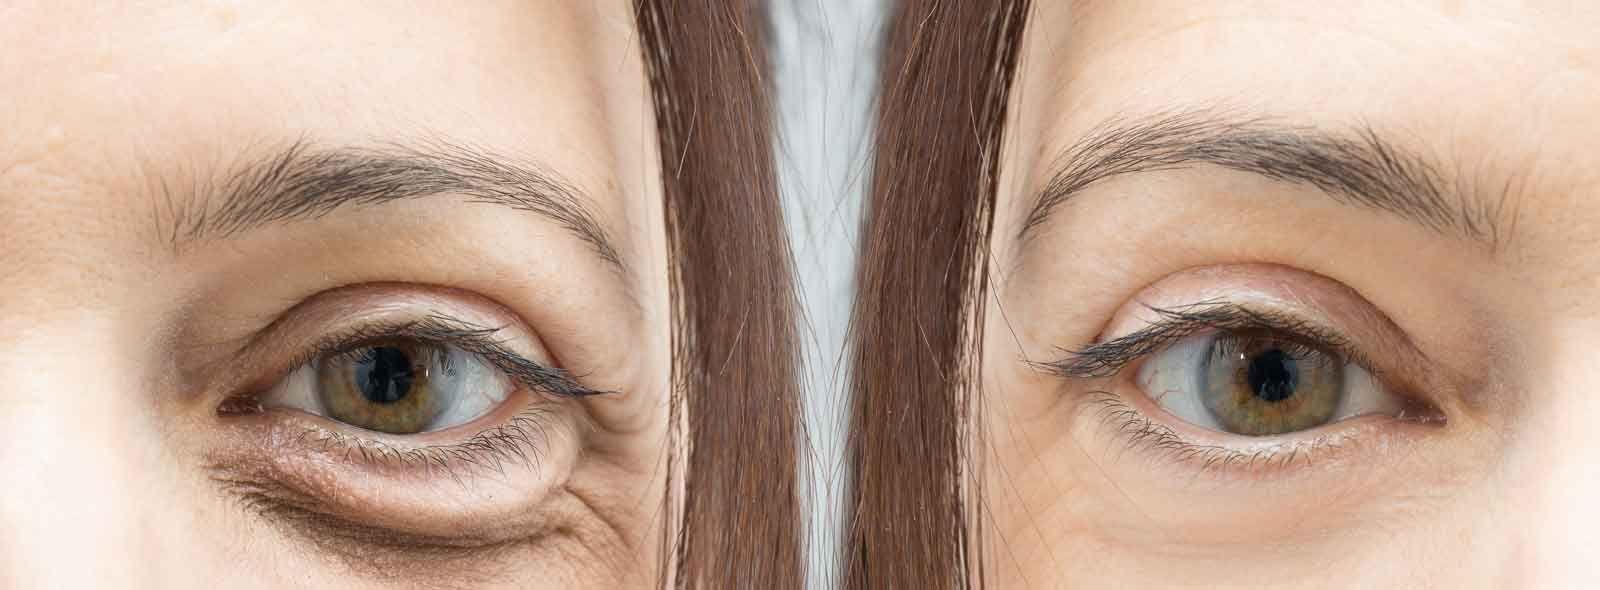 Rughe sotto gli occhi: come eliminarle